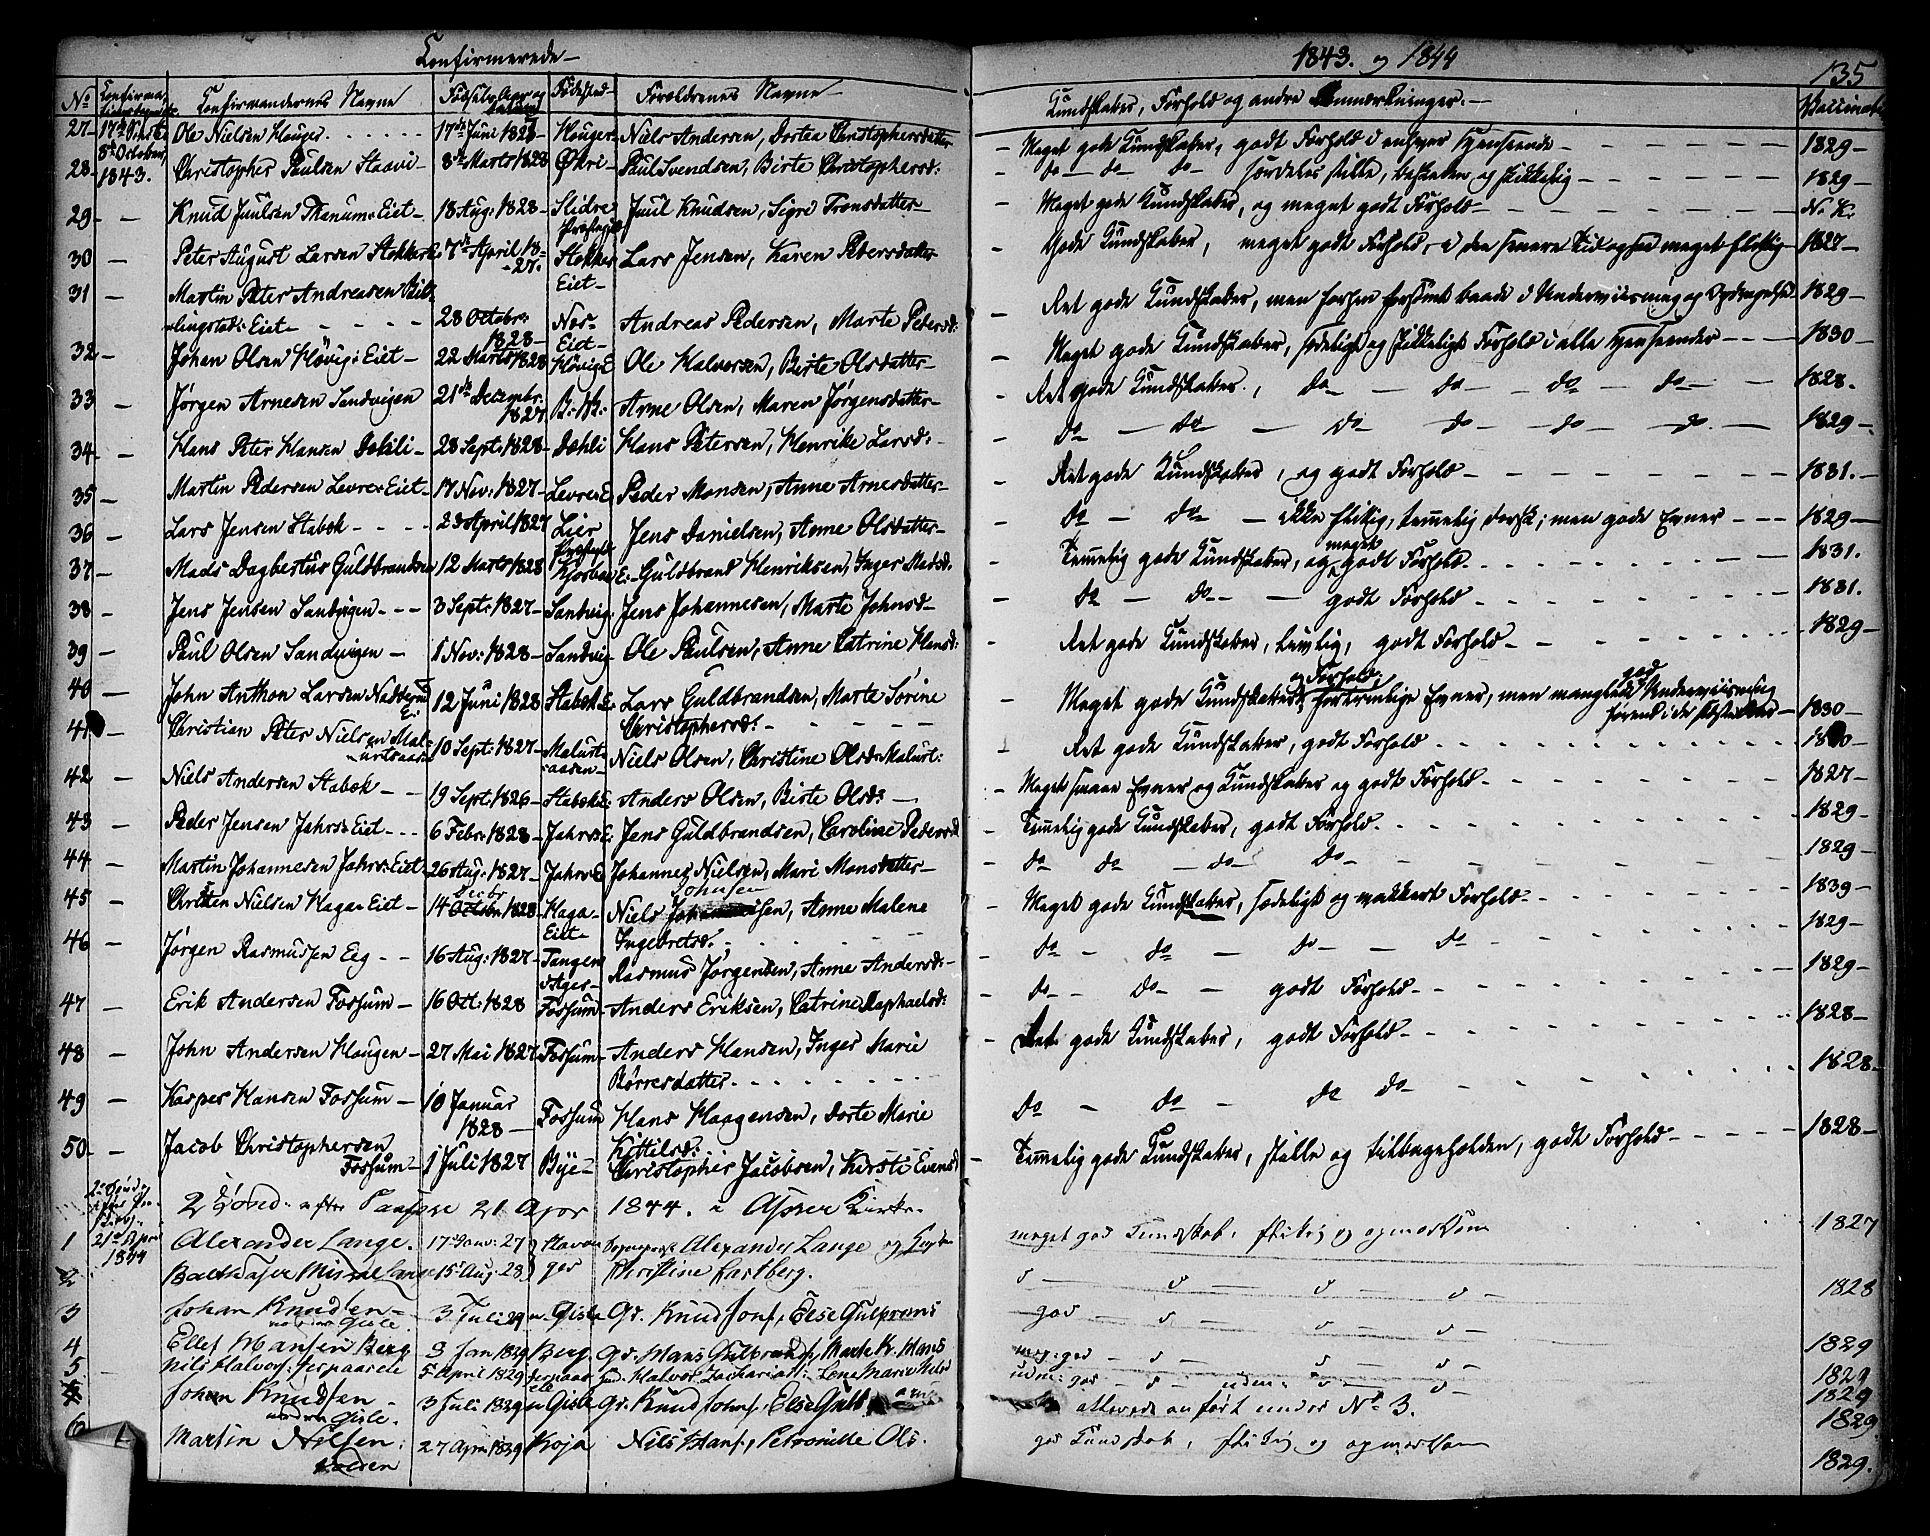 SAO, Asker prestekontor Kirkebøker, F/Fa/L0009: Ministerialbok nr. I 9, 1825-1878, s. 135